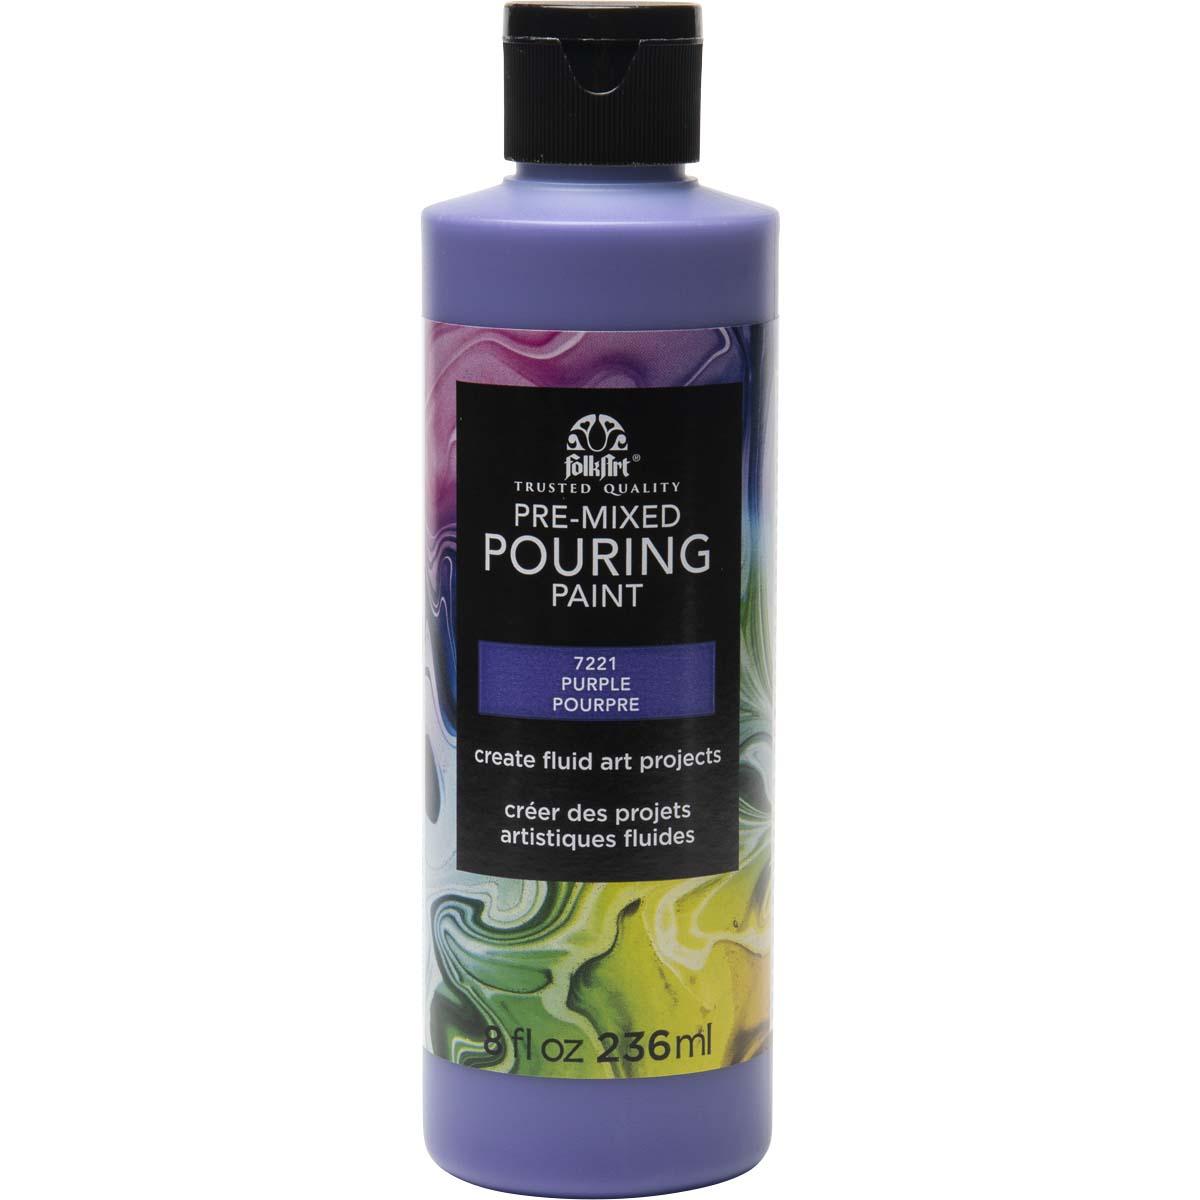 FolkArt ® Pre-mixed Pouring Paint - Purple, 8 oz. - 7221